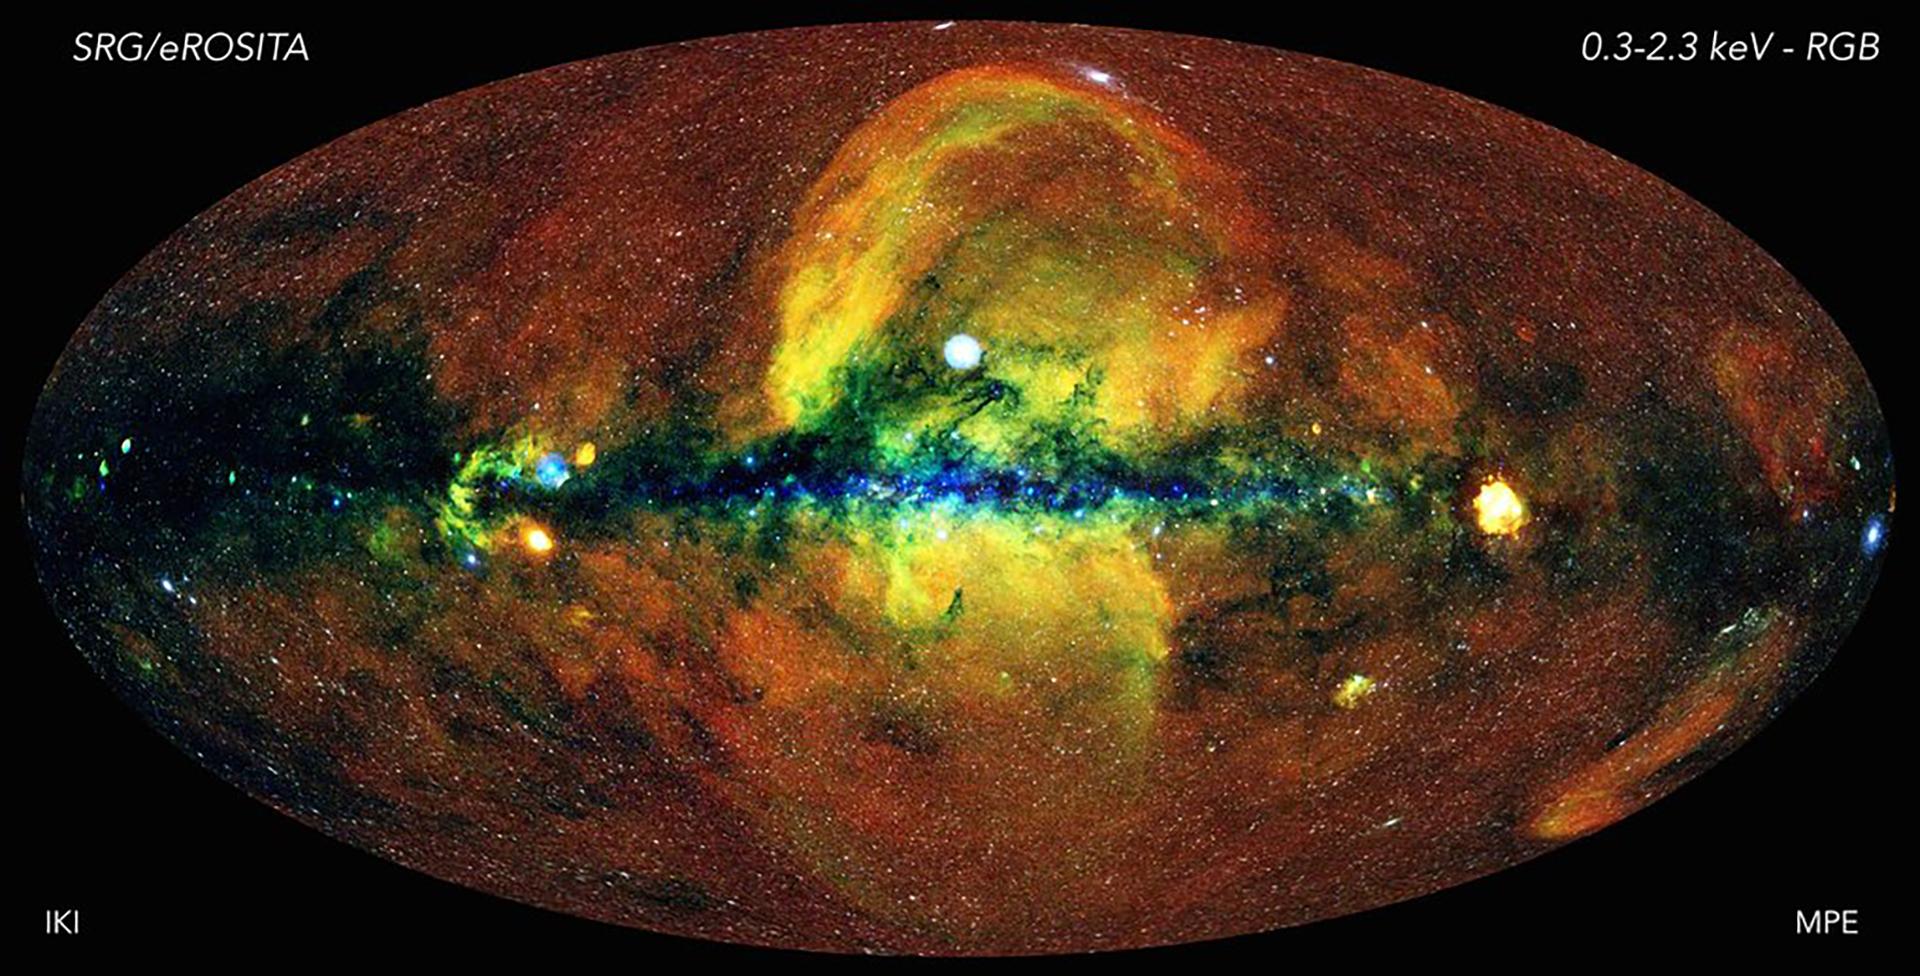 El universo energético visto con el telescopio de rayos X eROSITA (MPE/IKI)